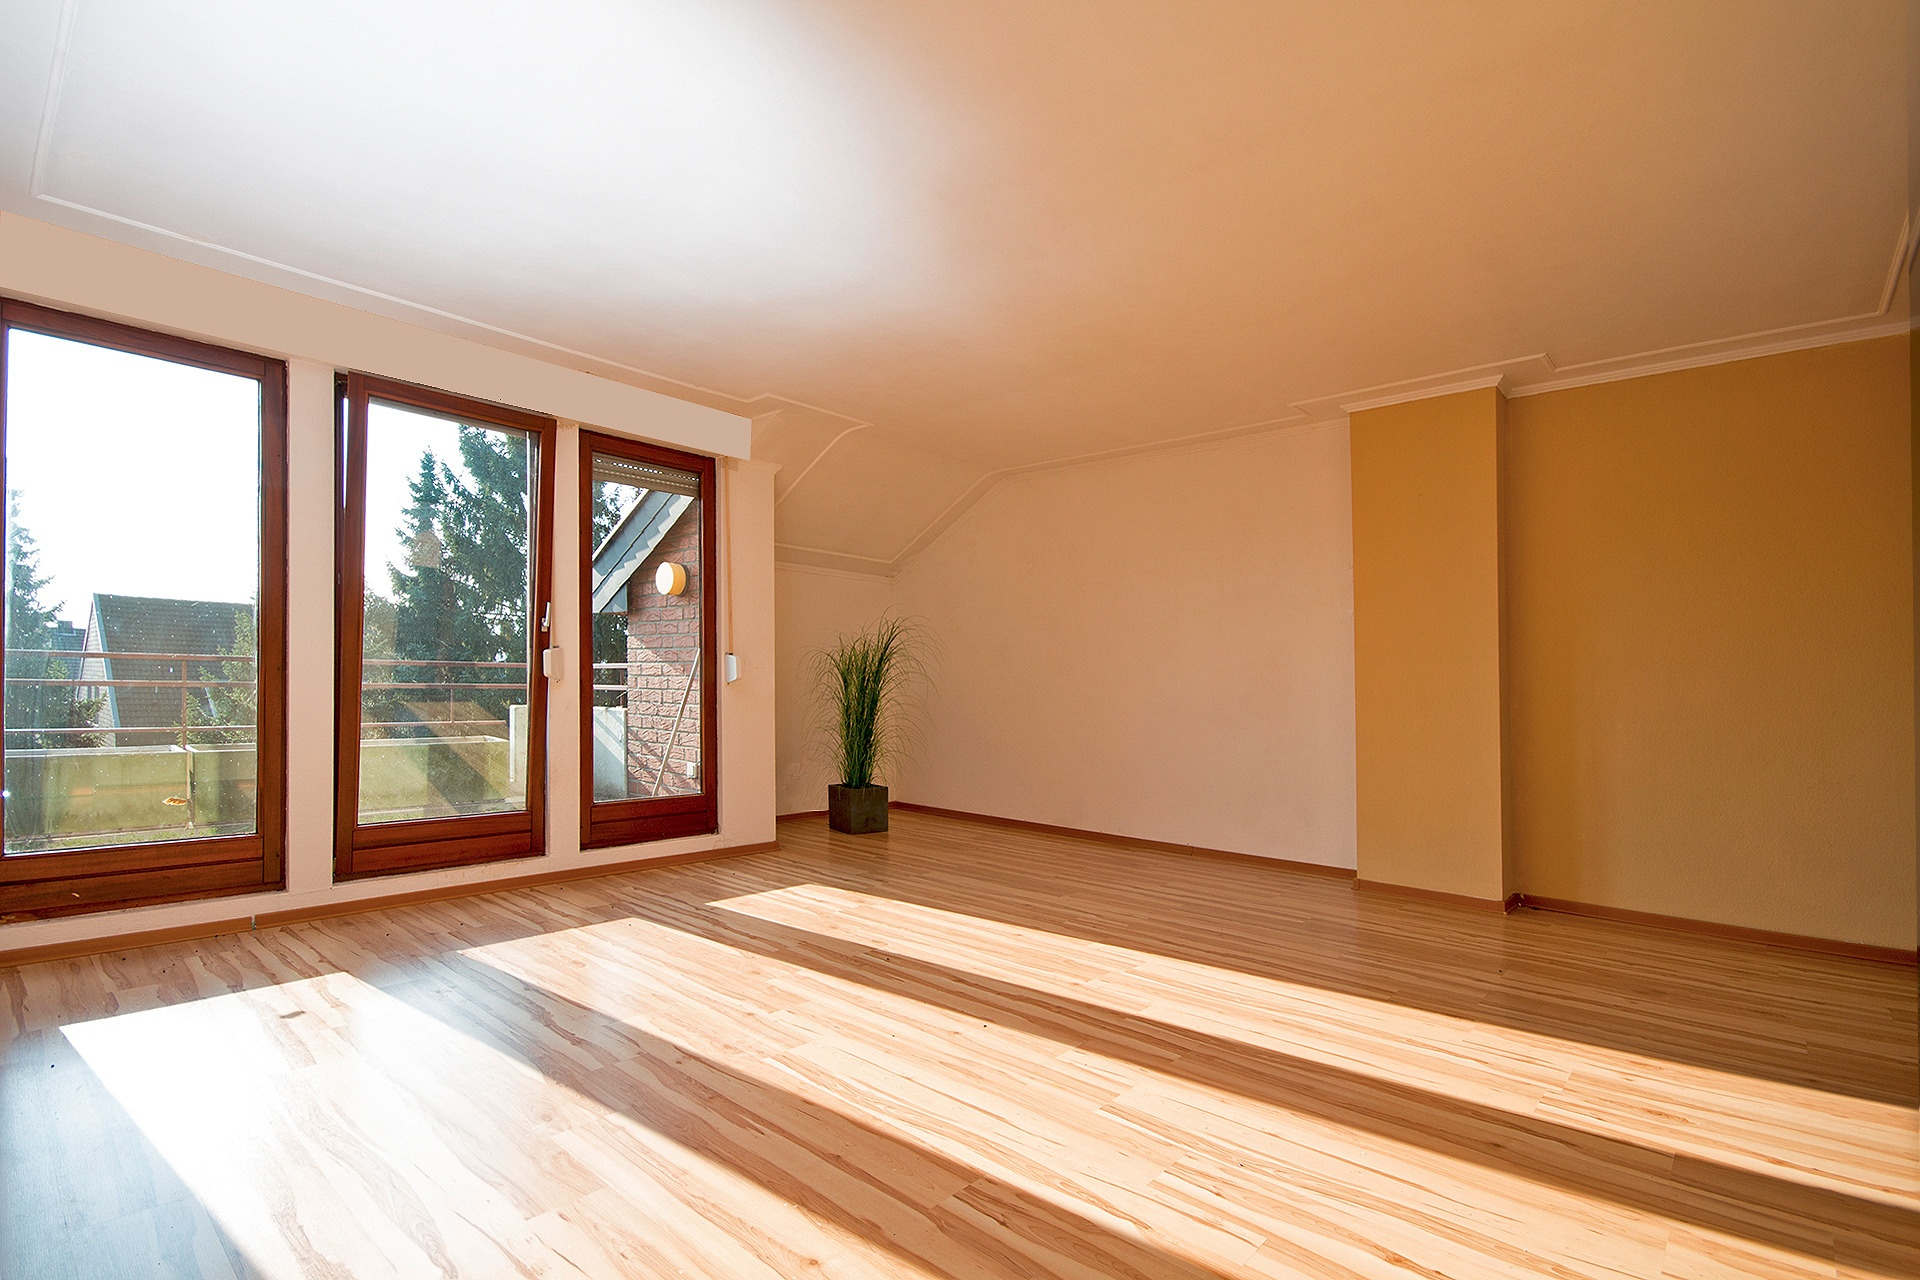 Immobilienmakler Herzogenrath Etagenwohnung referenzen mit Immobilienbewertung